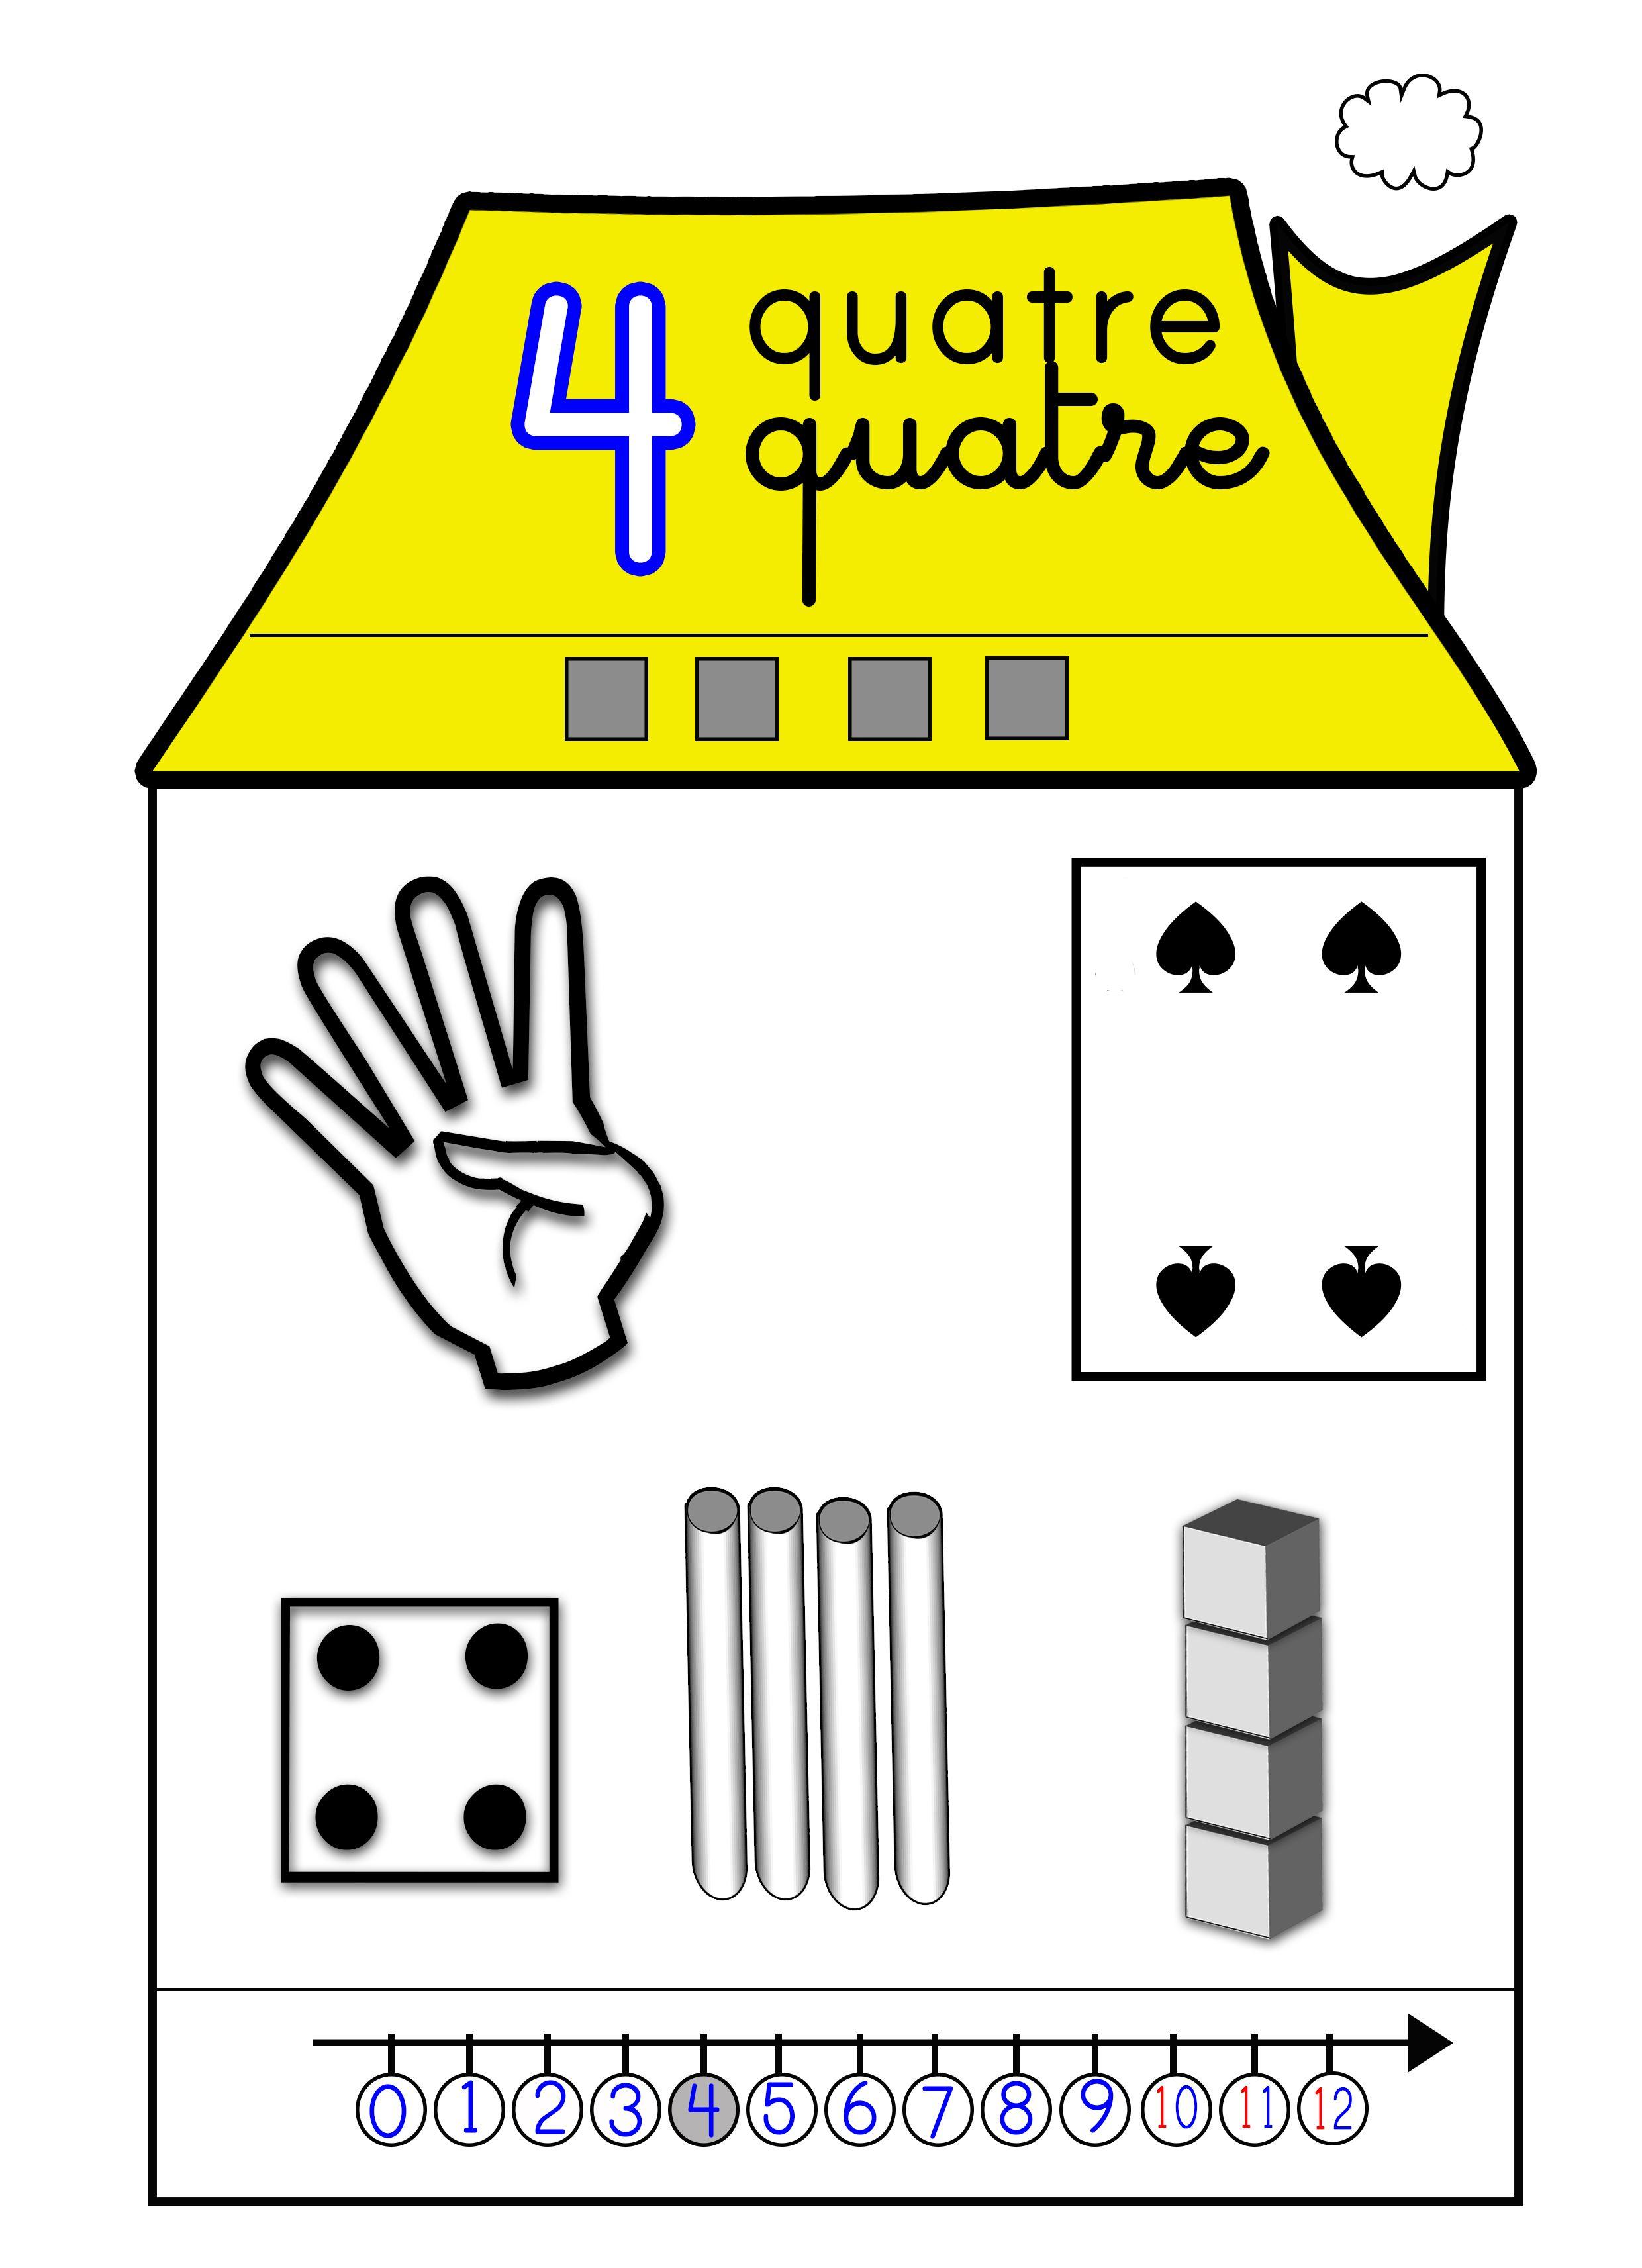 dossier affiches maisons des nombres de 1 20 maths pinterest les nombres dossier et. Black Bedroom Furniture Sets. Home Design Ideas